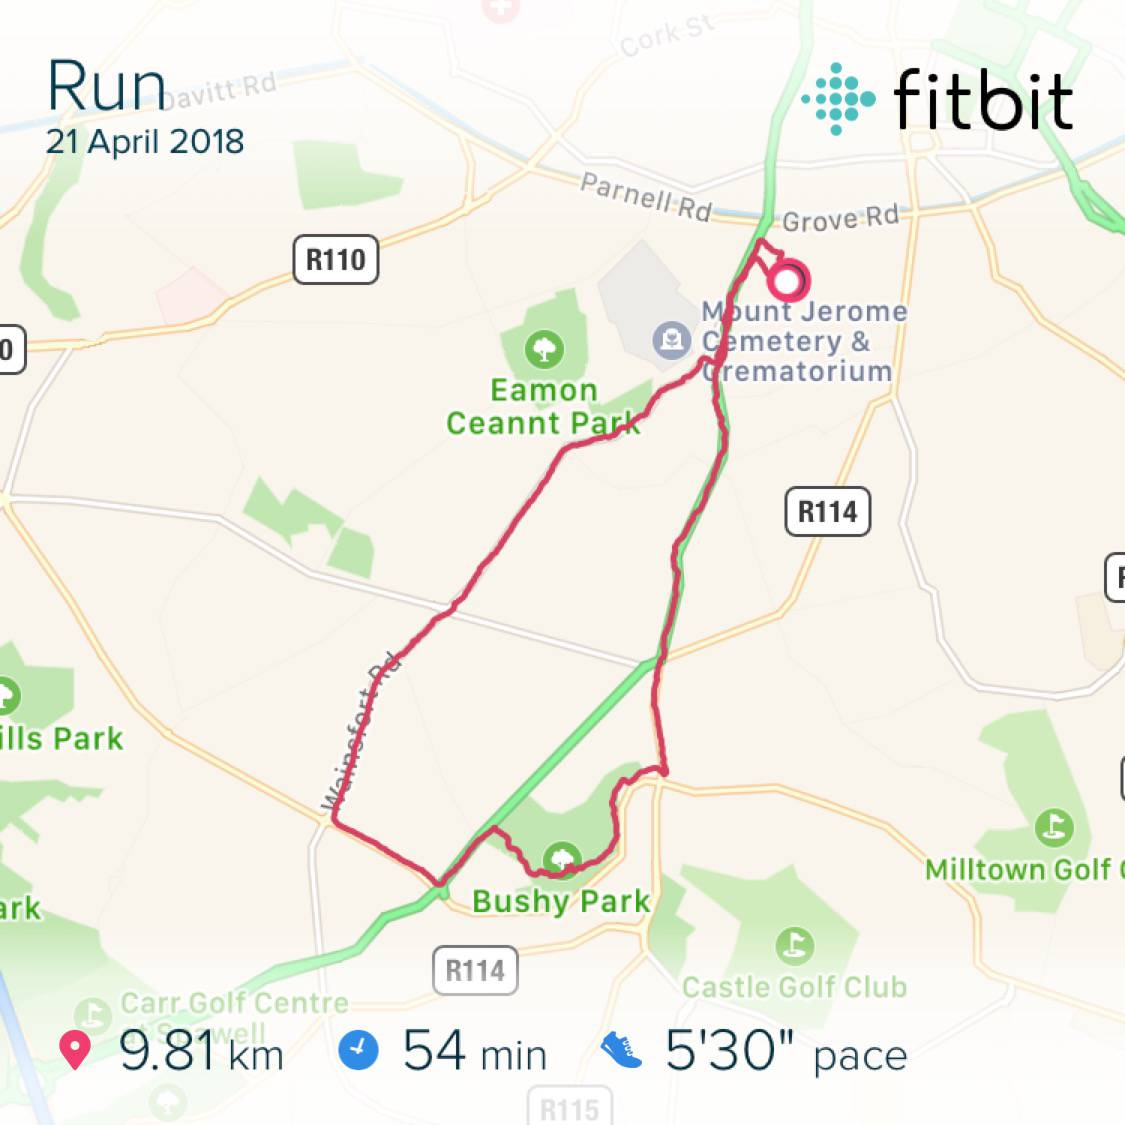 9.81km in 55:07